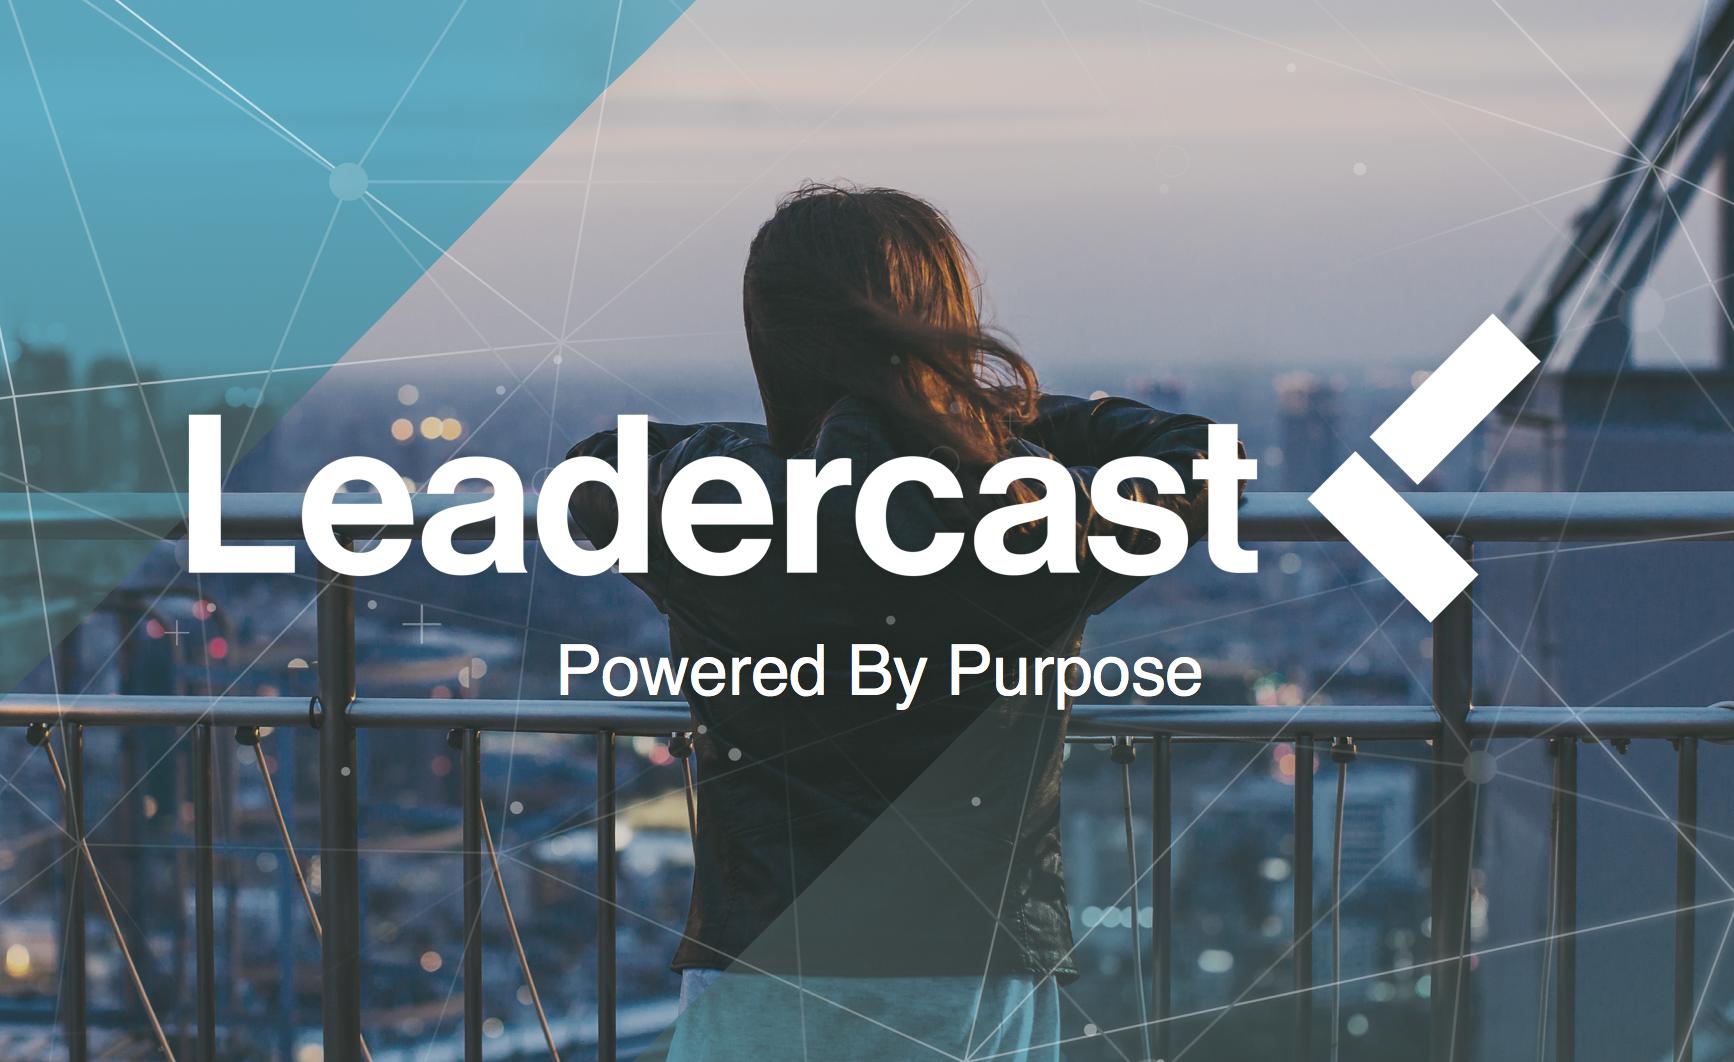 Leadercast 2017 Update